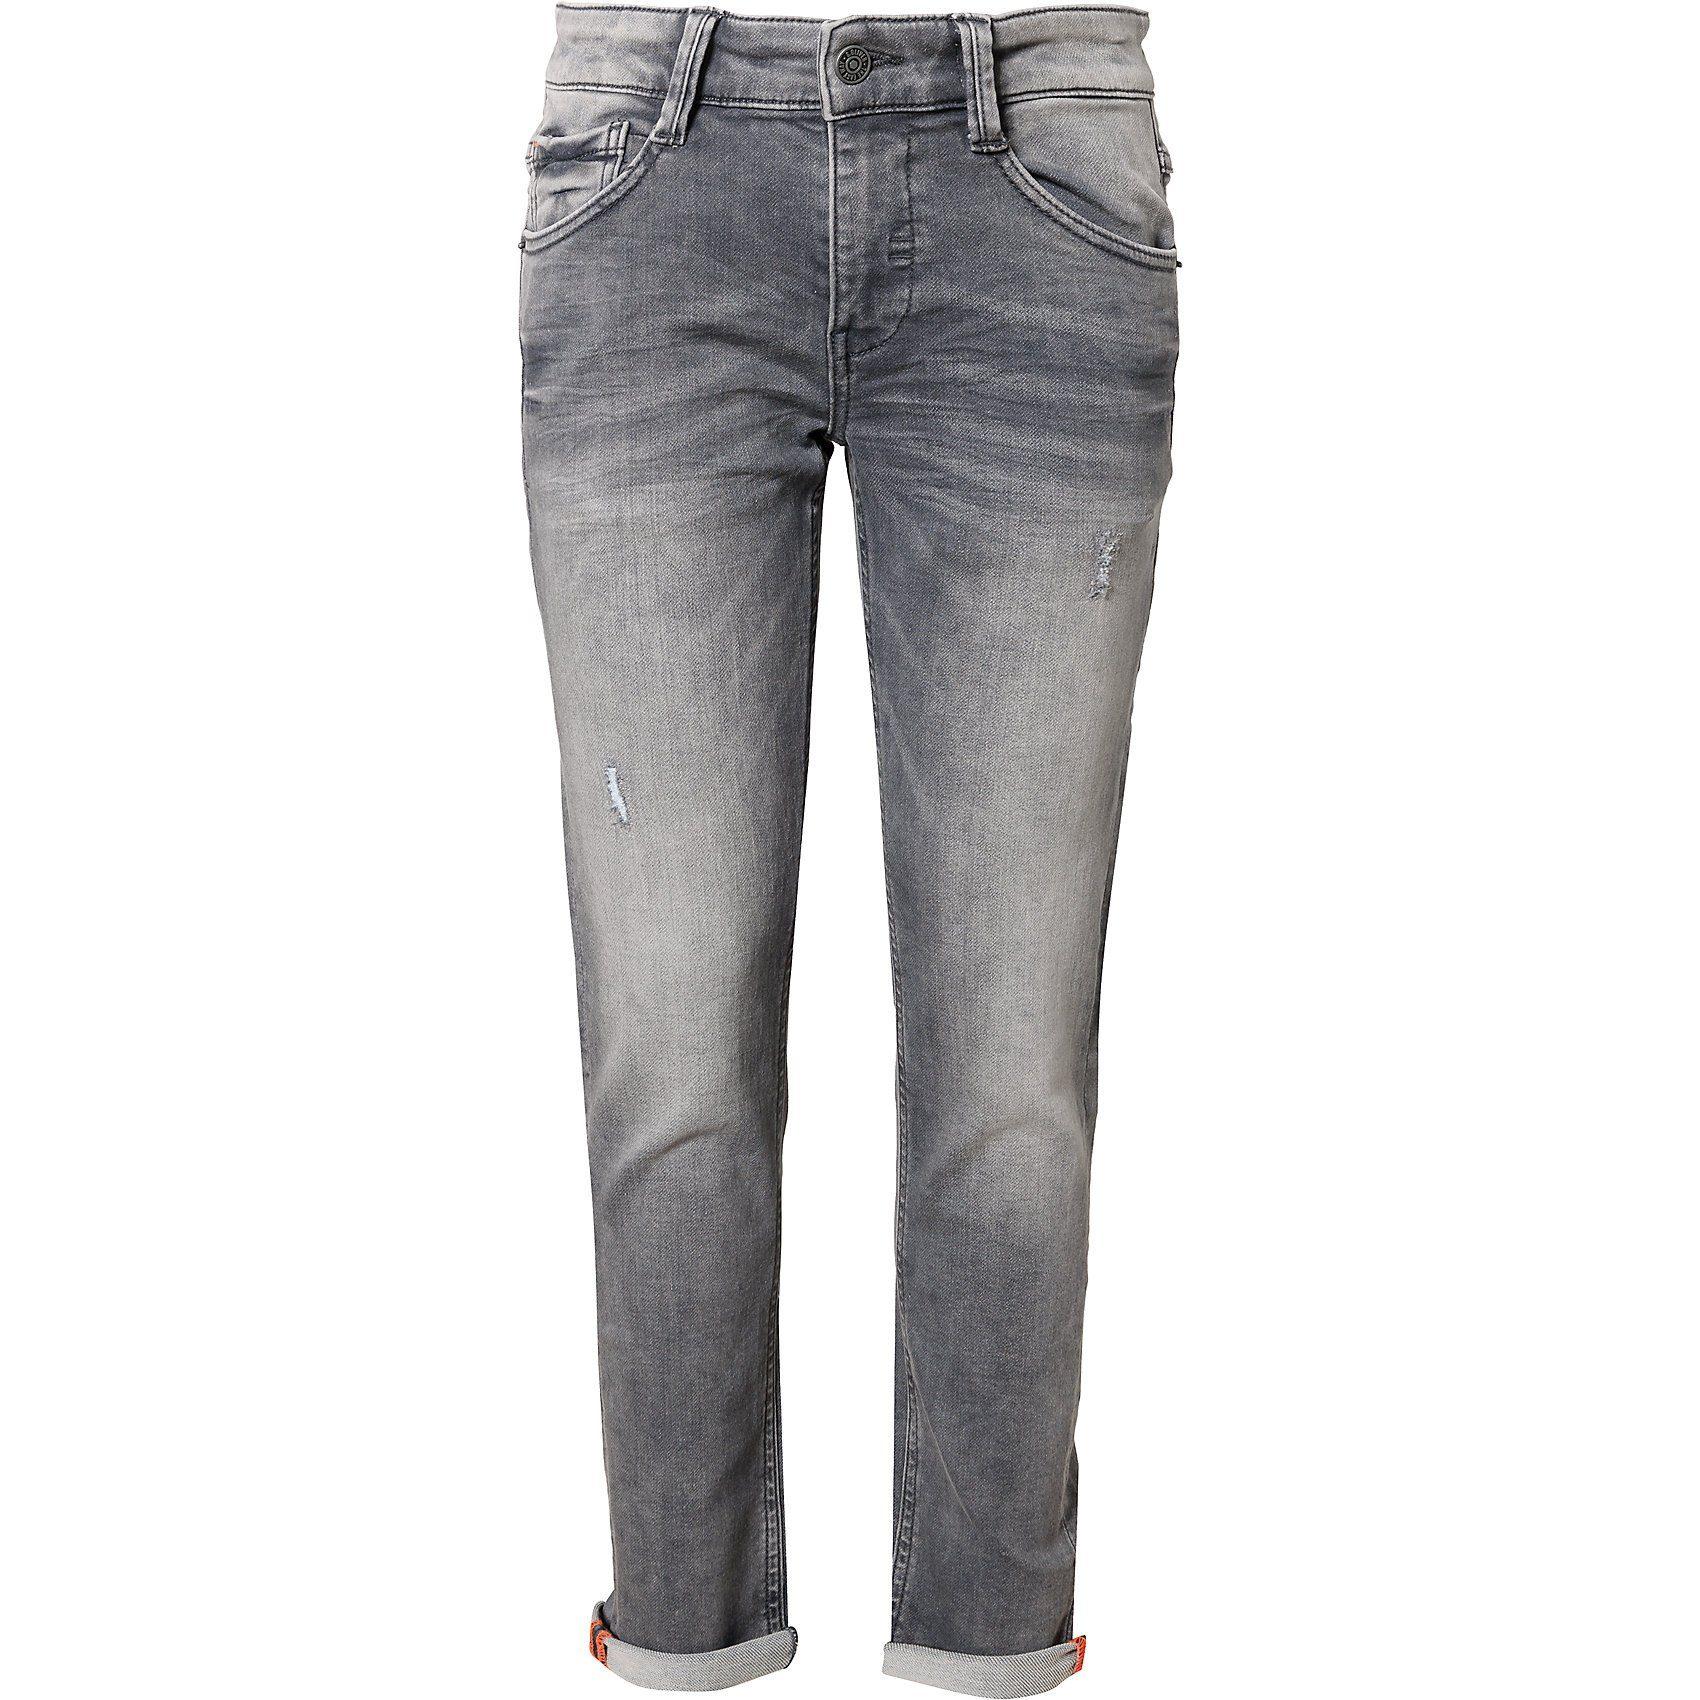 s.Oliver Jeans Superstretch SEATTLE regular fit für Jungen online kaufen | OTTO